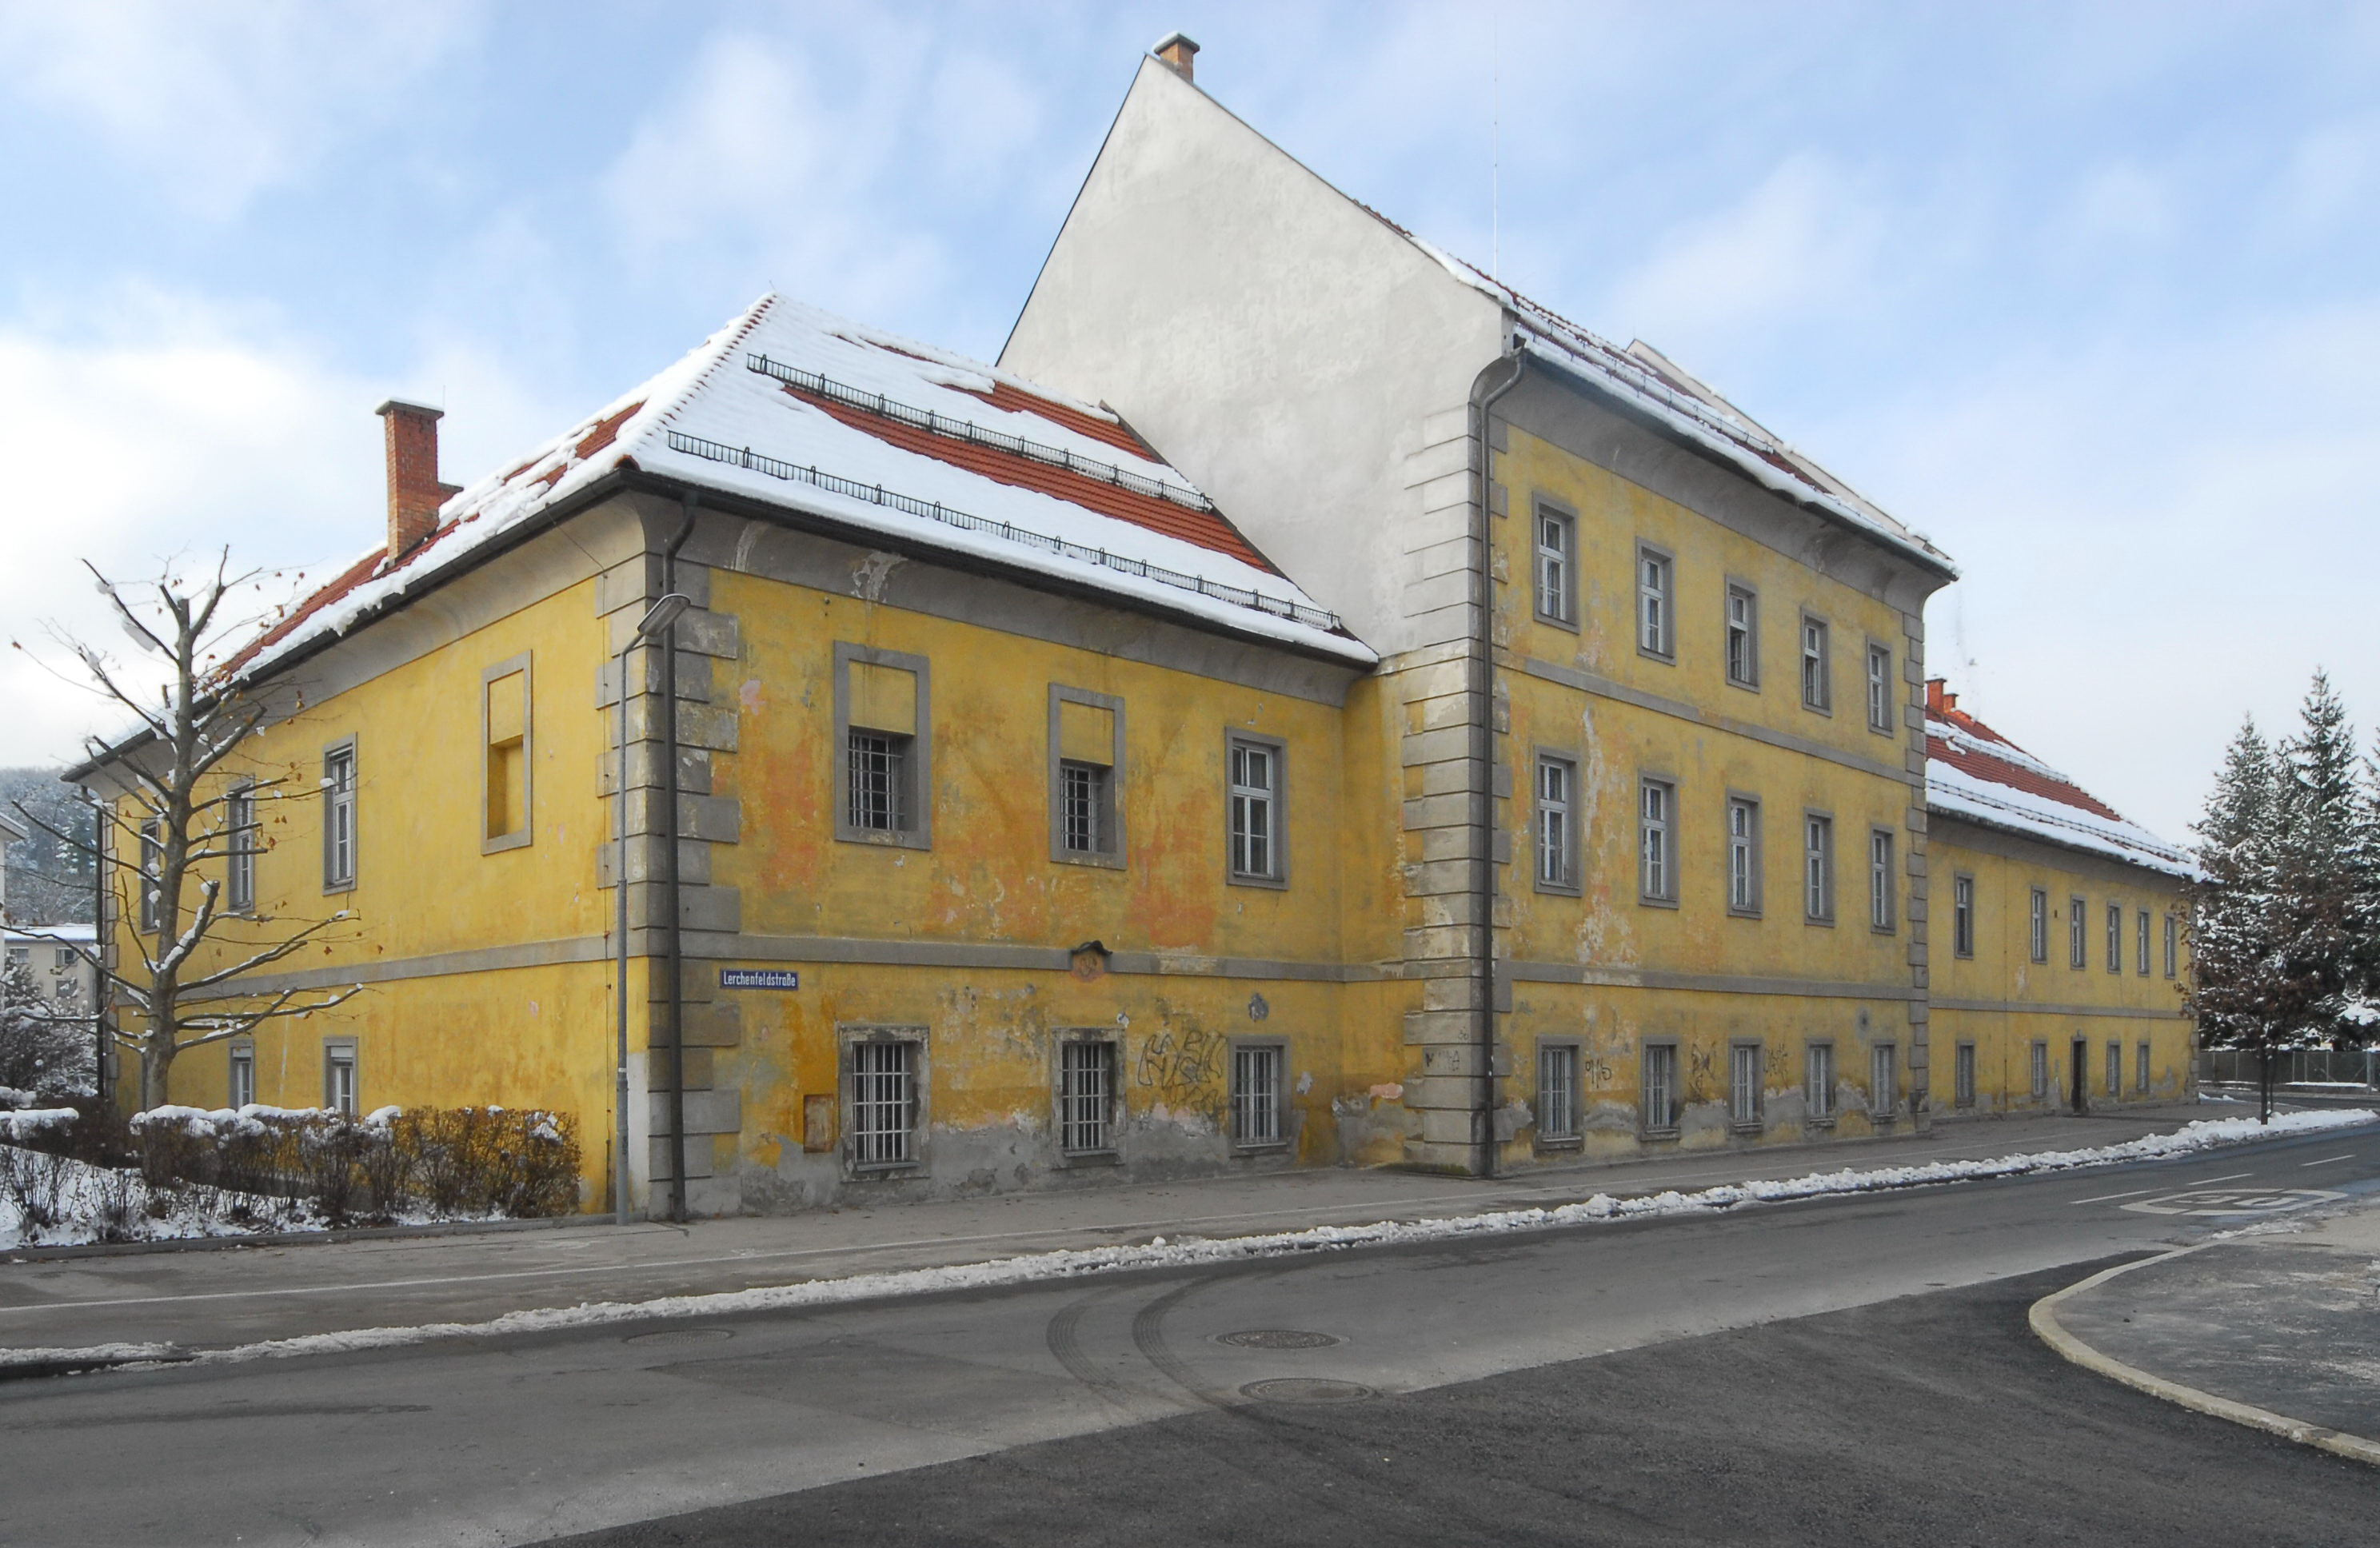 Ehem. Truppenspital, Wohnhausanlage © by Johann Jaritz